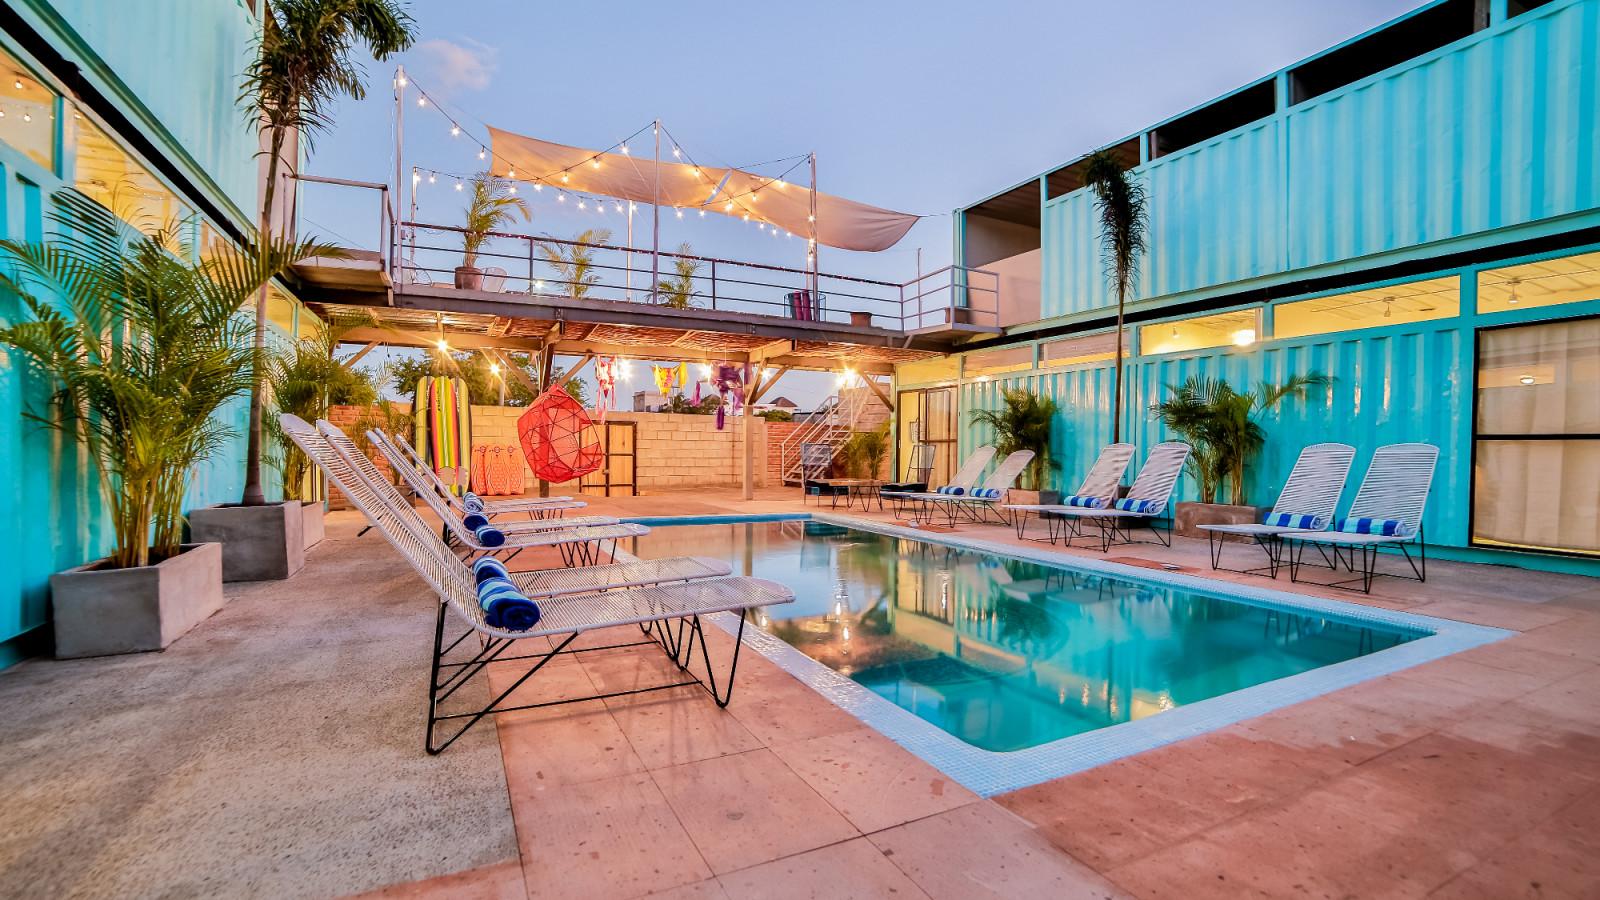 Villa Terre Du Sud onda surf hotel - punta de mita, mexico - best price guarantee